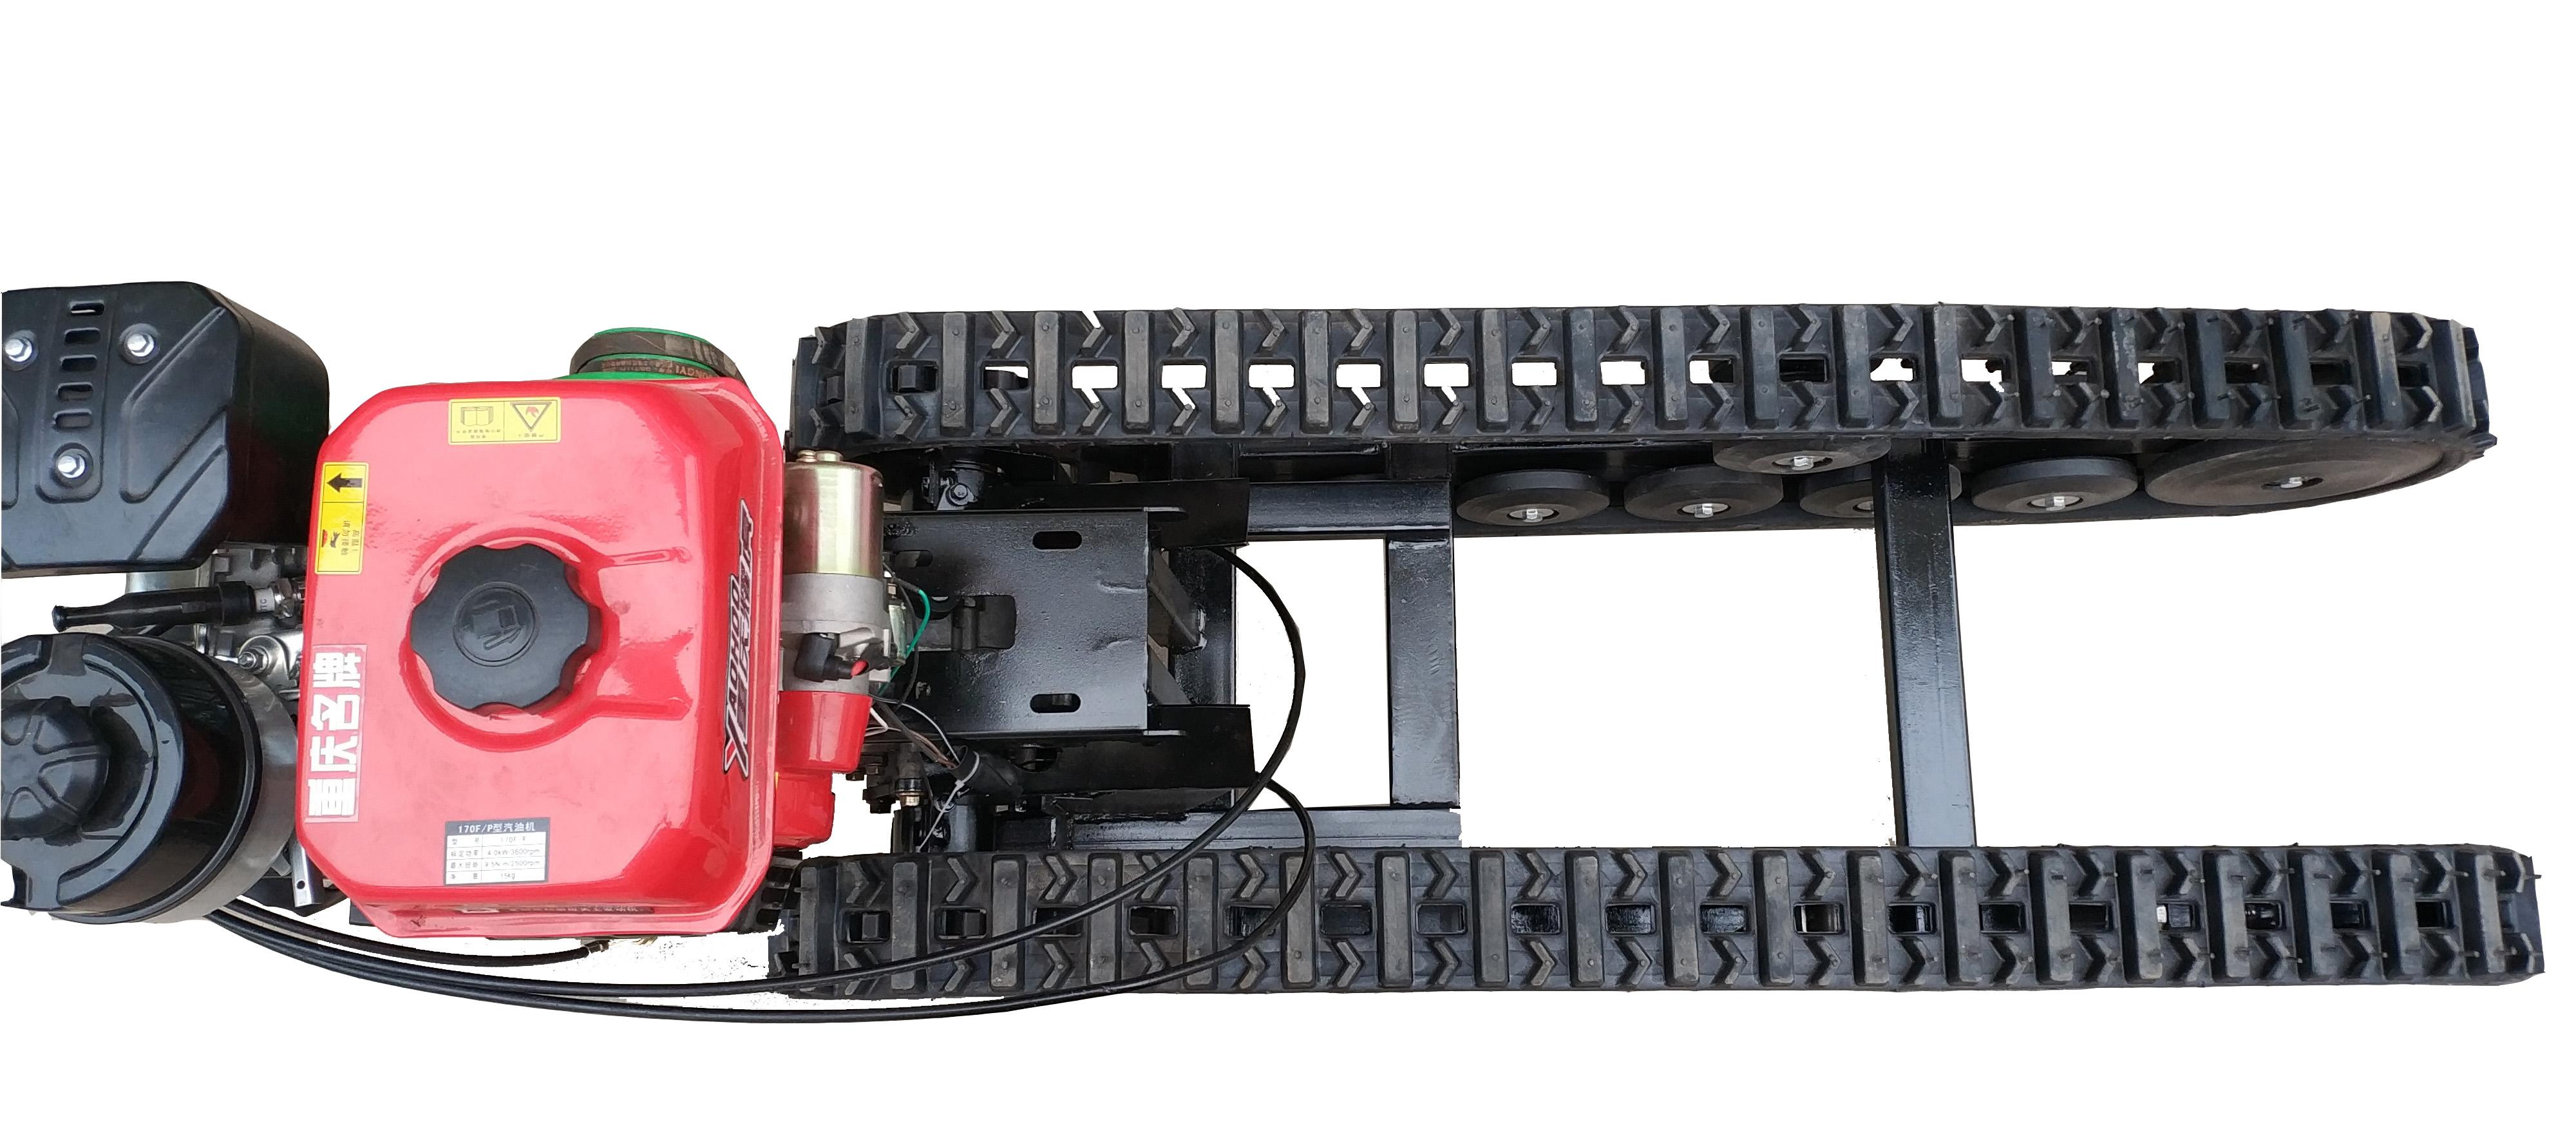 对河南橡胶履带底盘的技术要求有哪些?